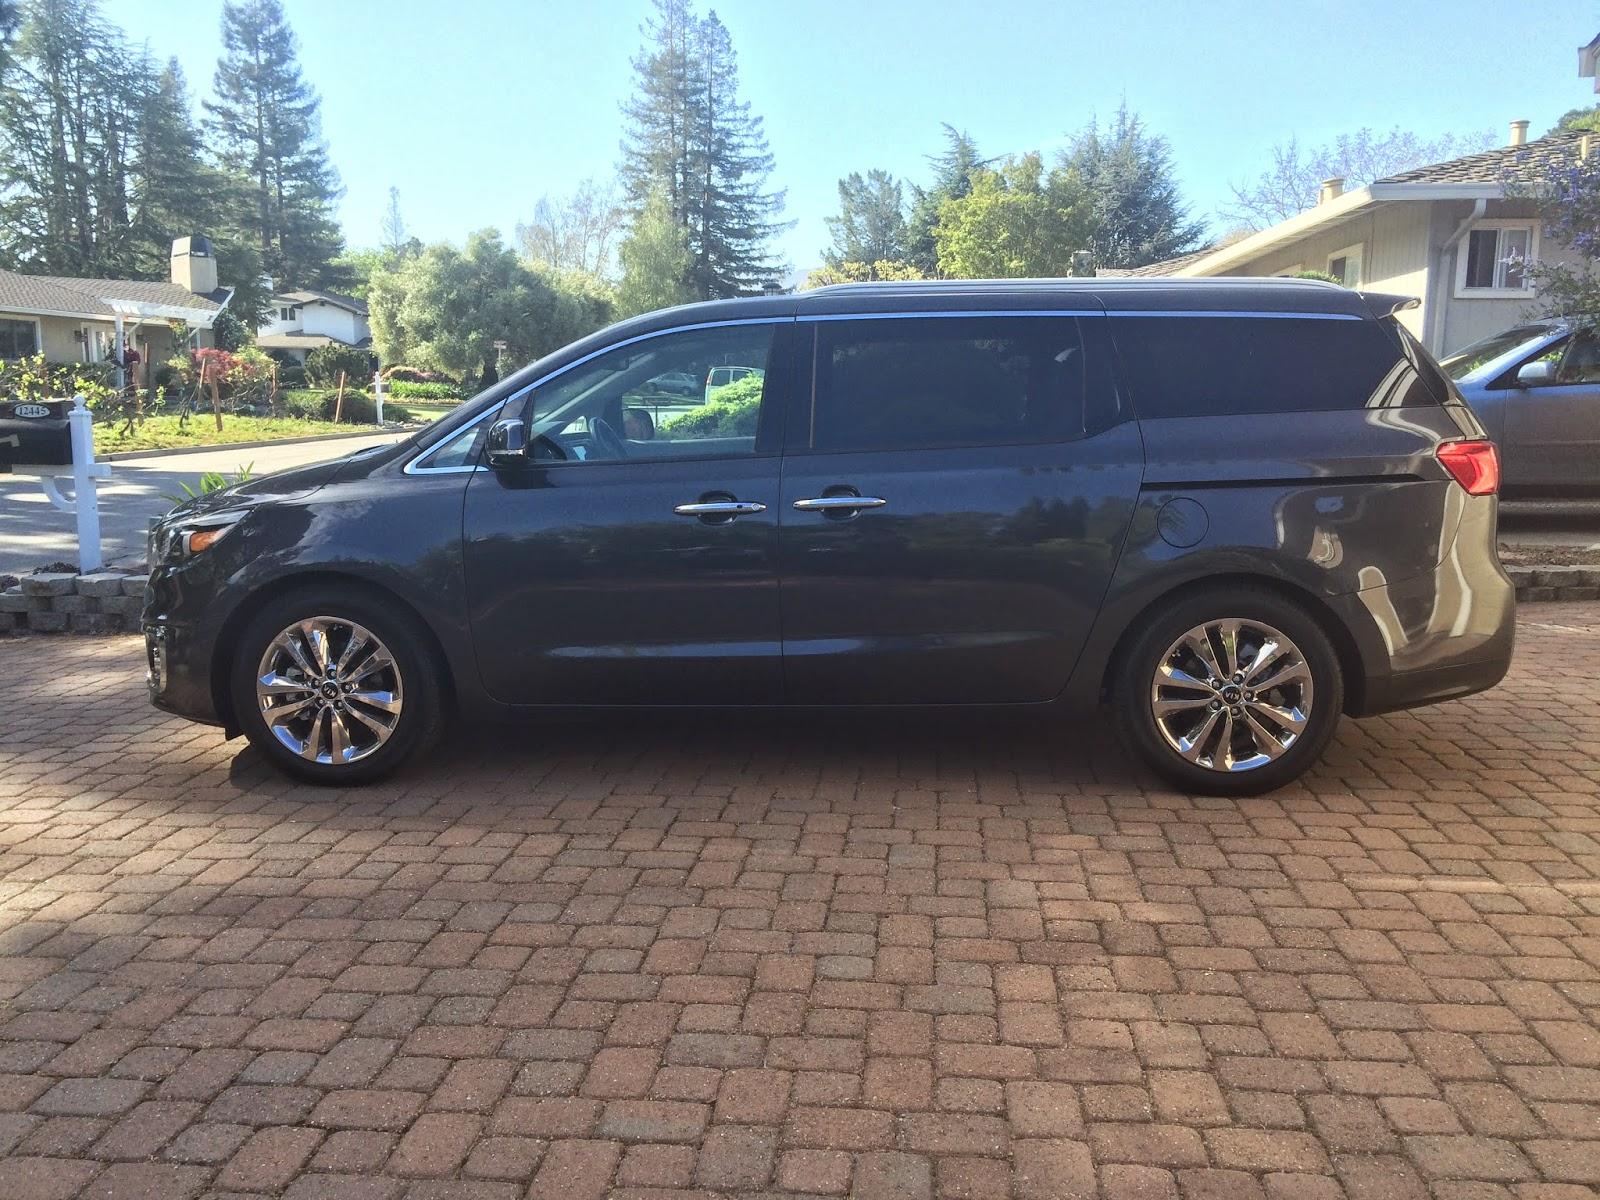 review sedona autoblog kia view rear